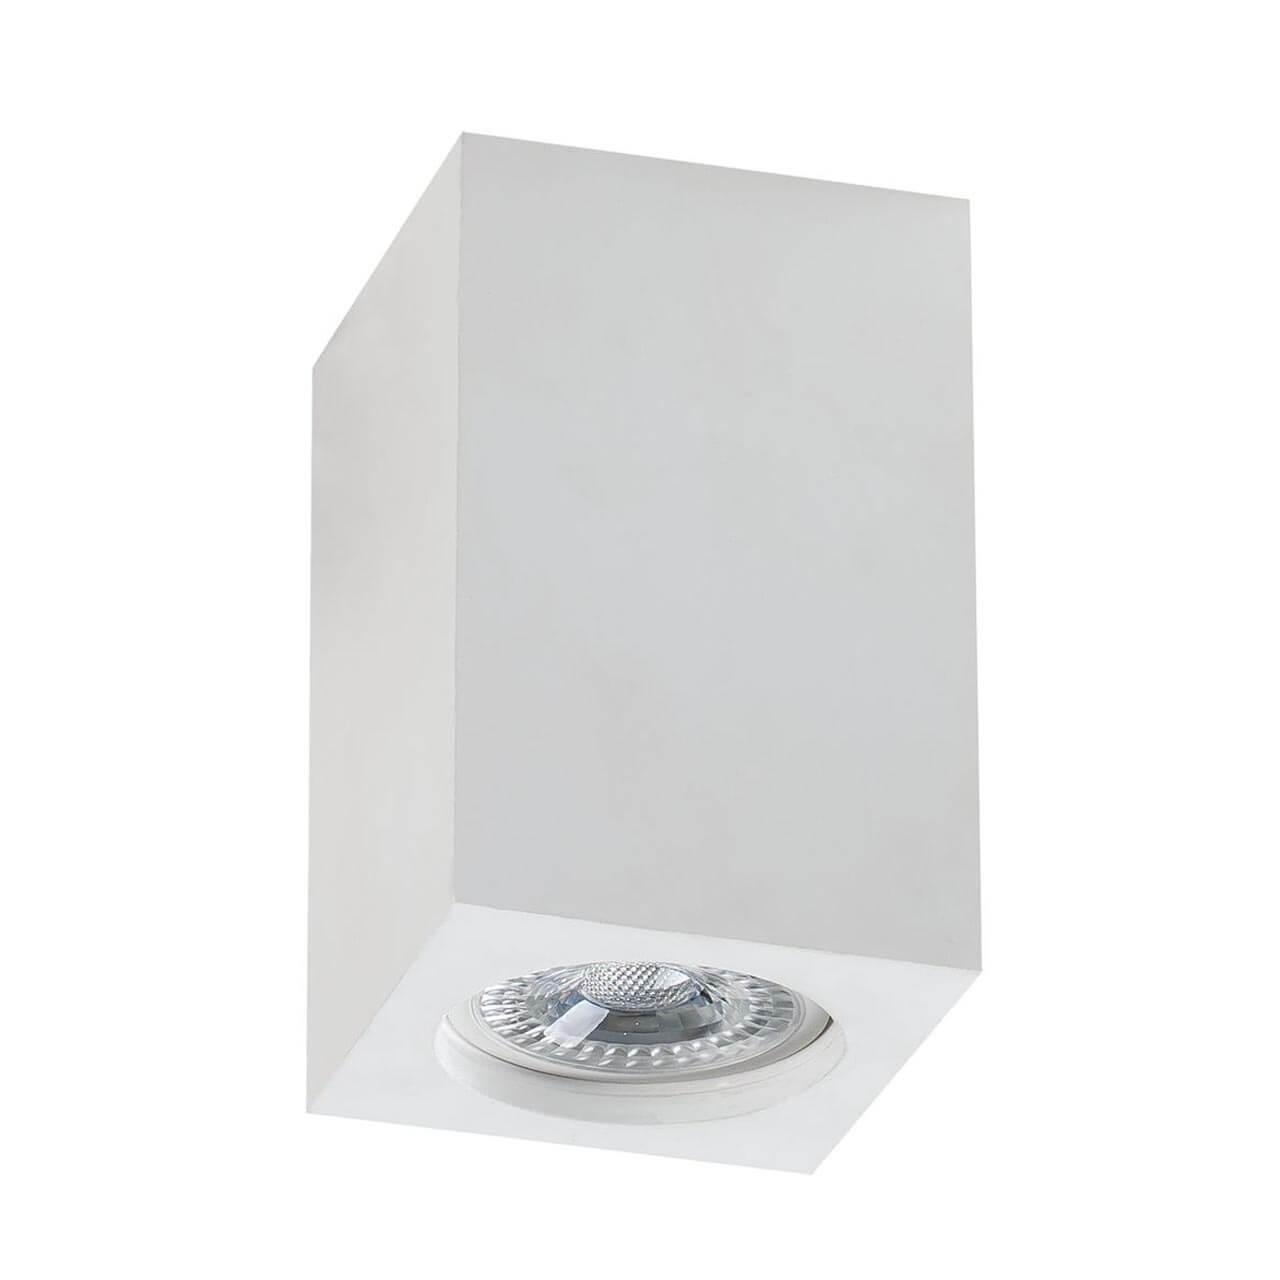 Декоративный светильник Maytoni C005CW-01W, GU10, 30 Вт